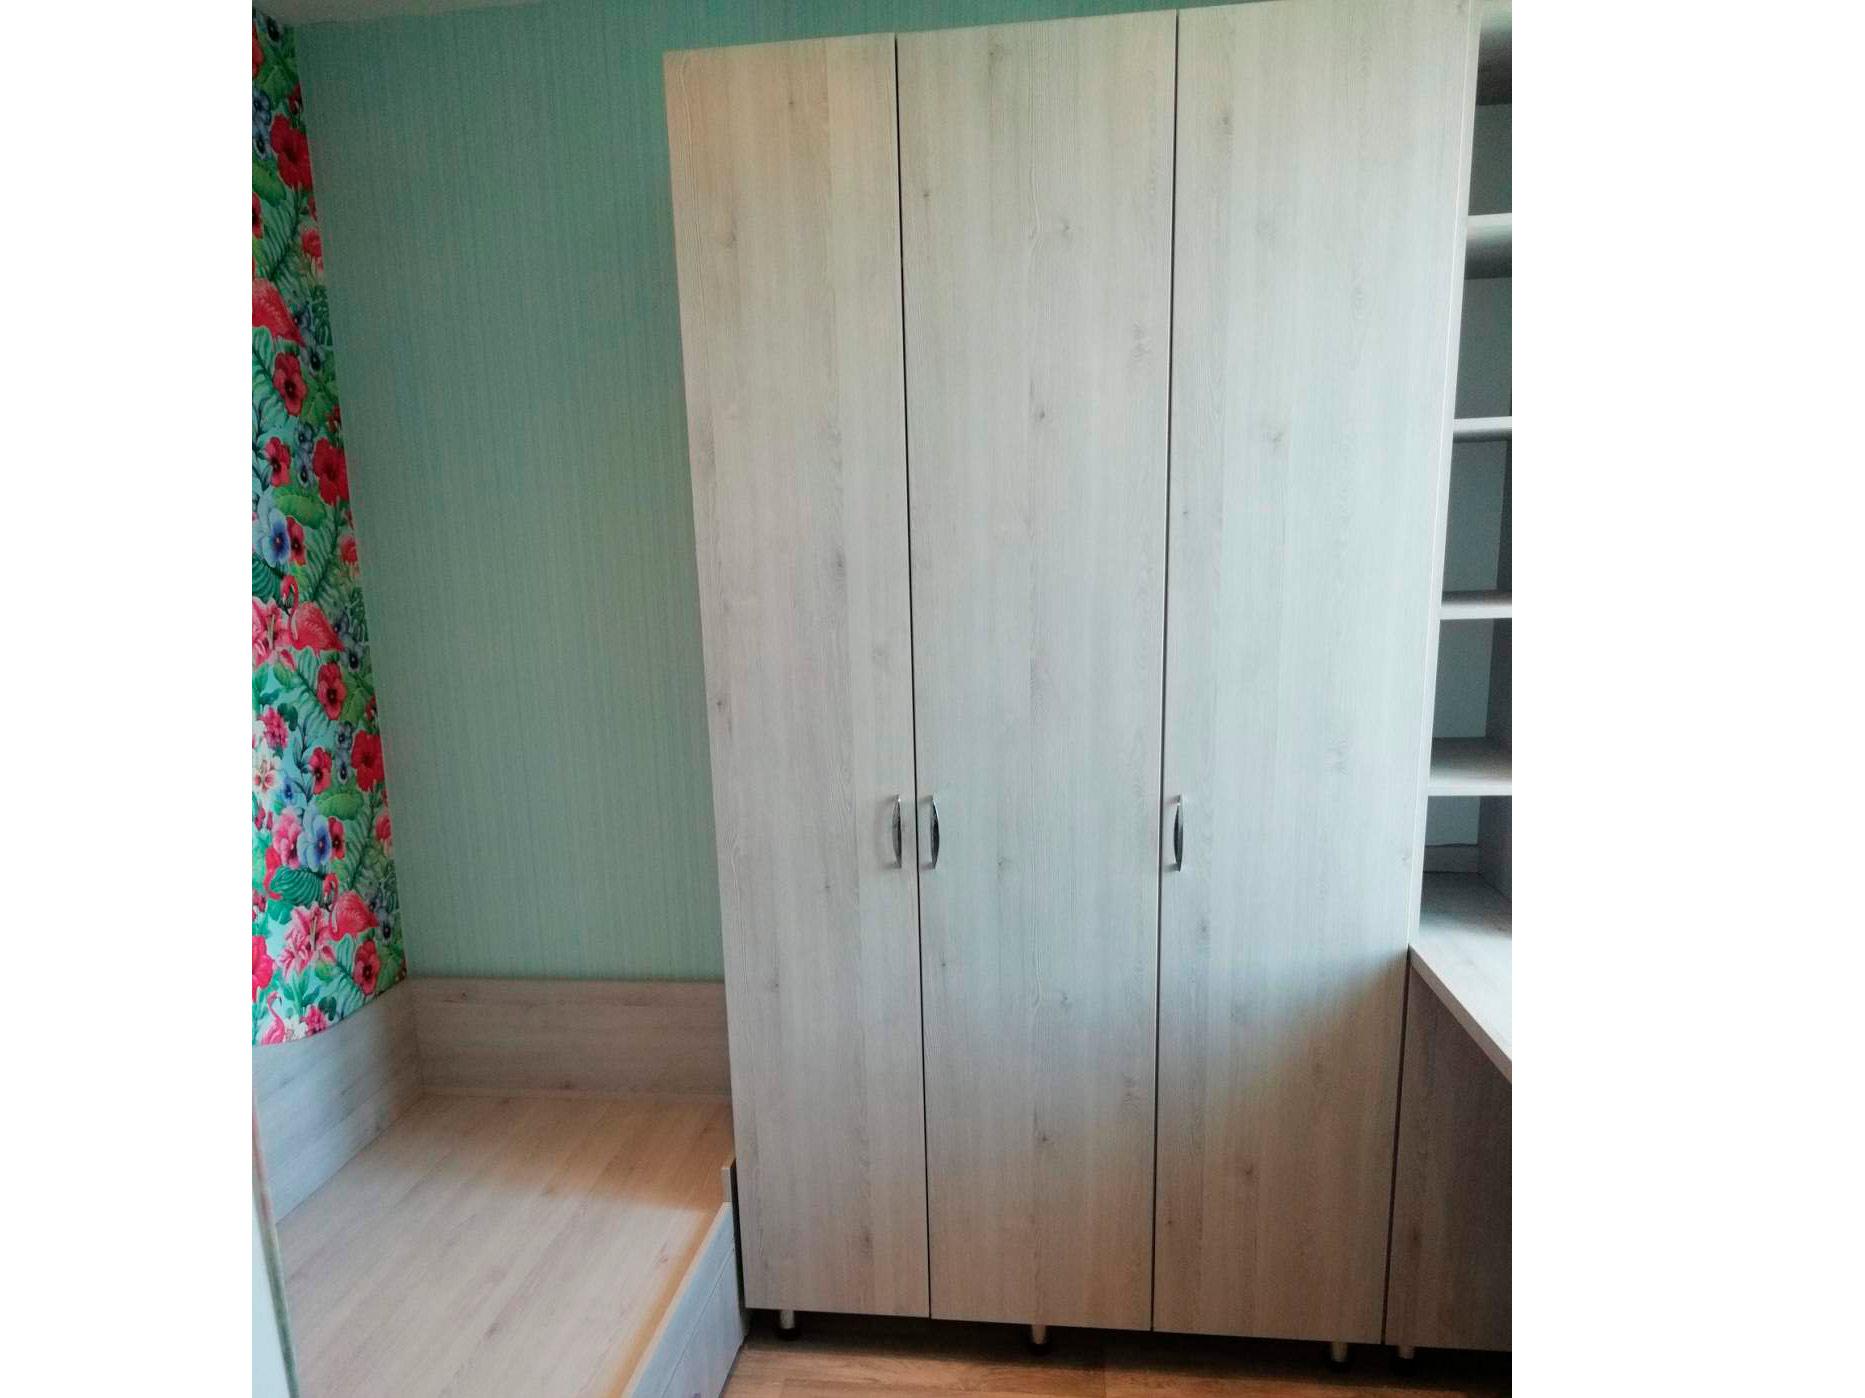 Шкафы распашные на заказ недорого в Спб от производителя